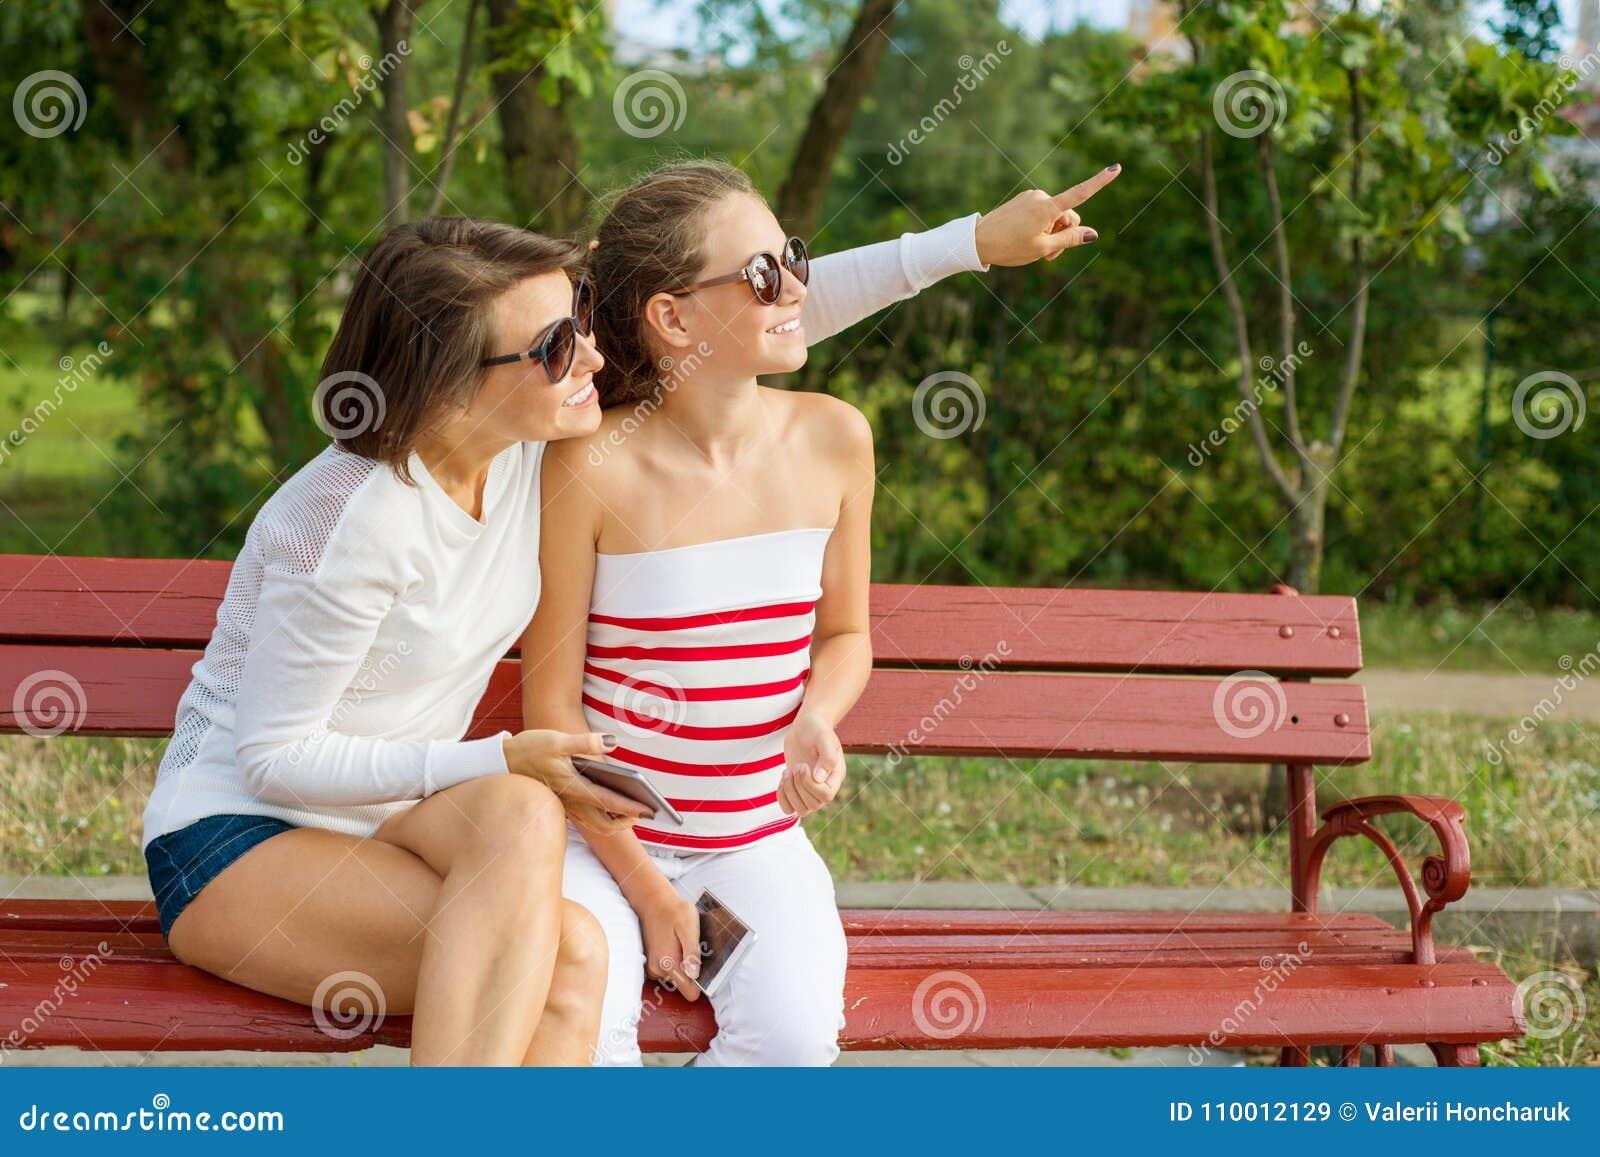 Επικοινωνία μεταξύ του γονέα και του παιδιού Έφηβος Mom και κορών που μιλά και που γελά καθμένος στον πάγκο στο πάρκο